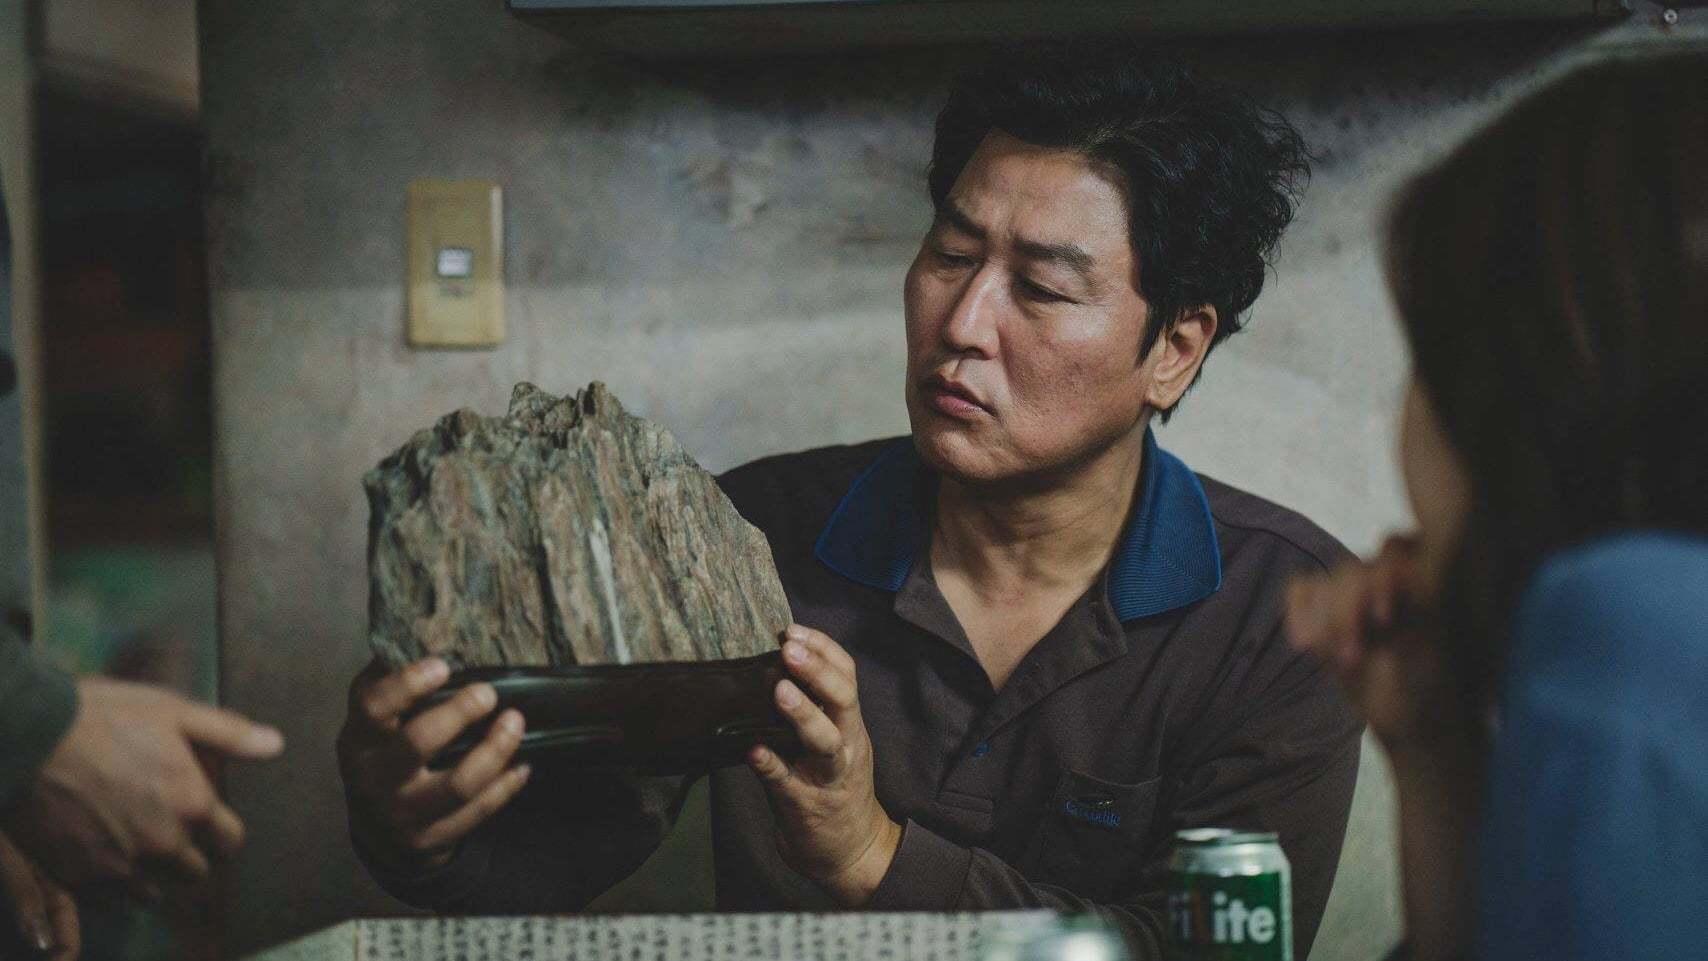 Кадры из фильма Паразиты Gisaengchung 2019